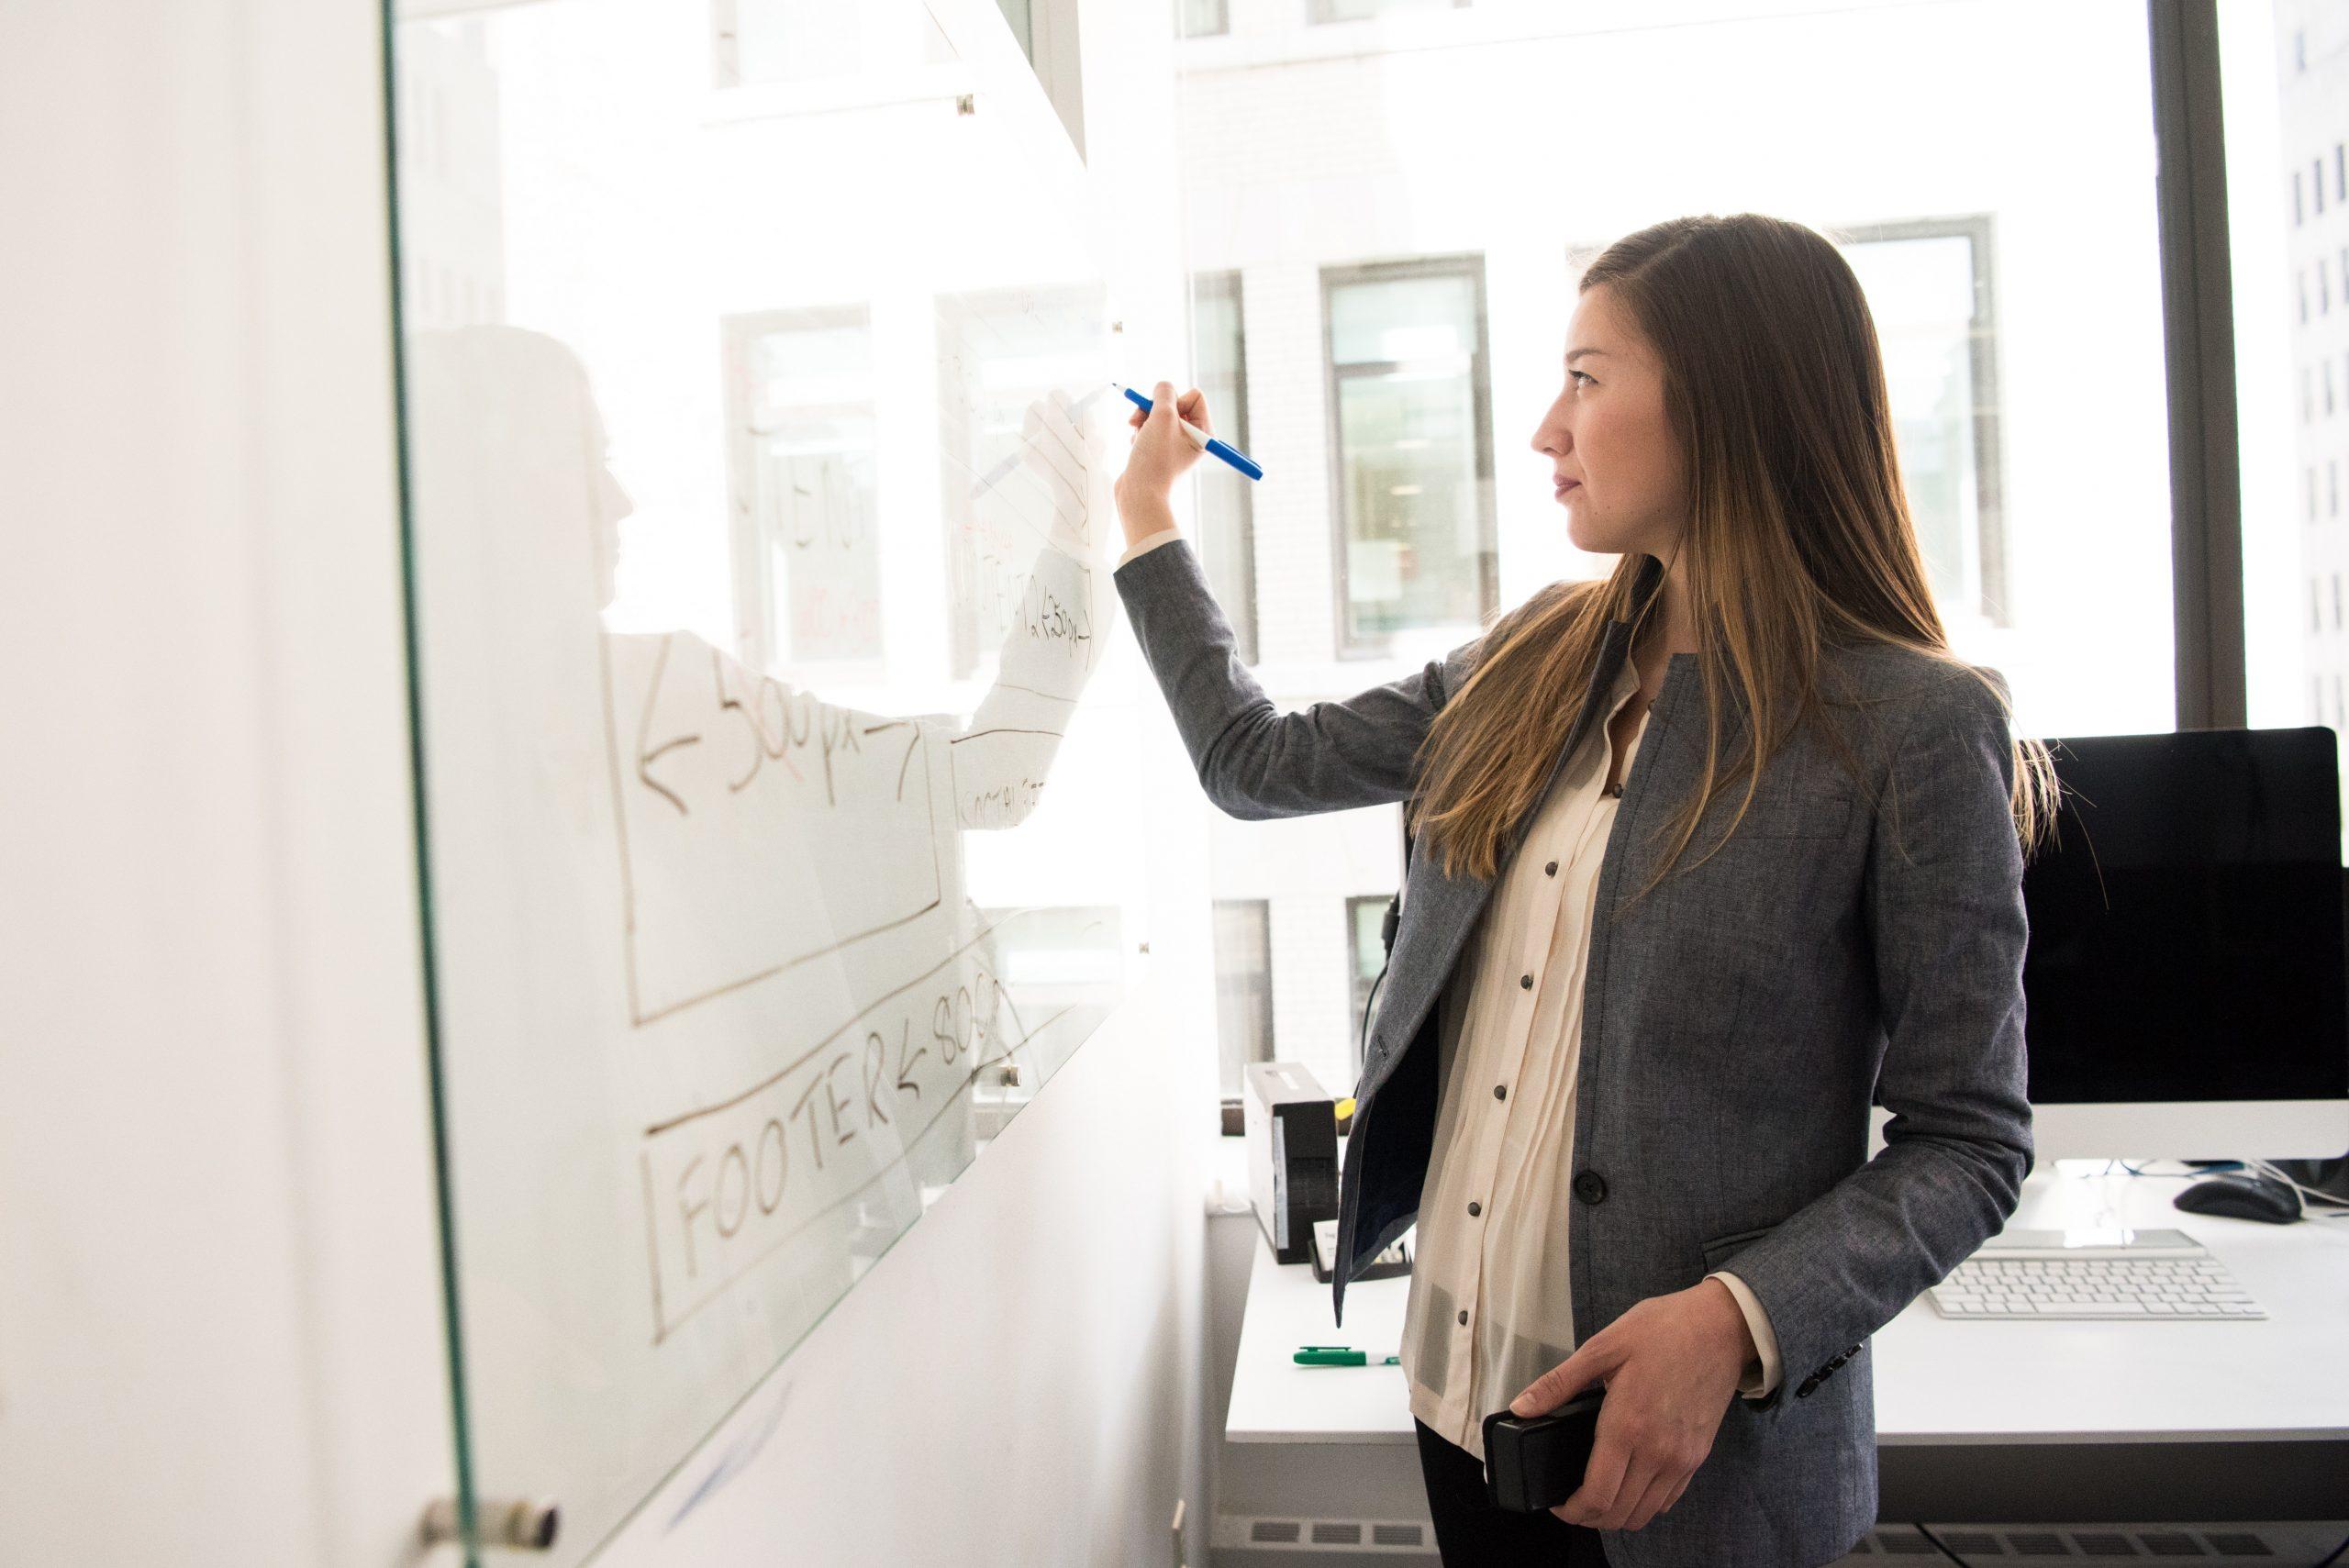 Как проходит стажировка педагога?